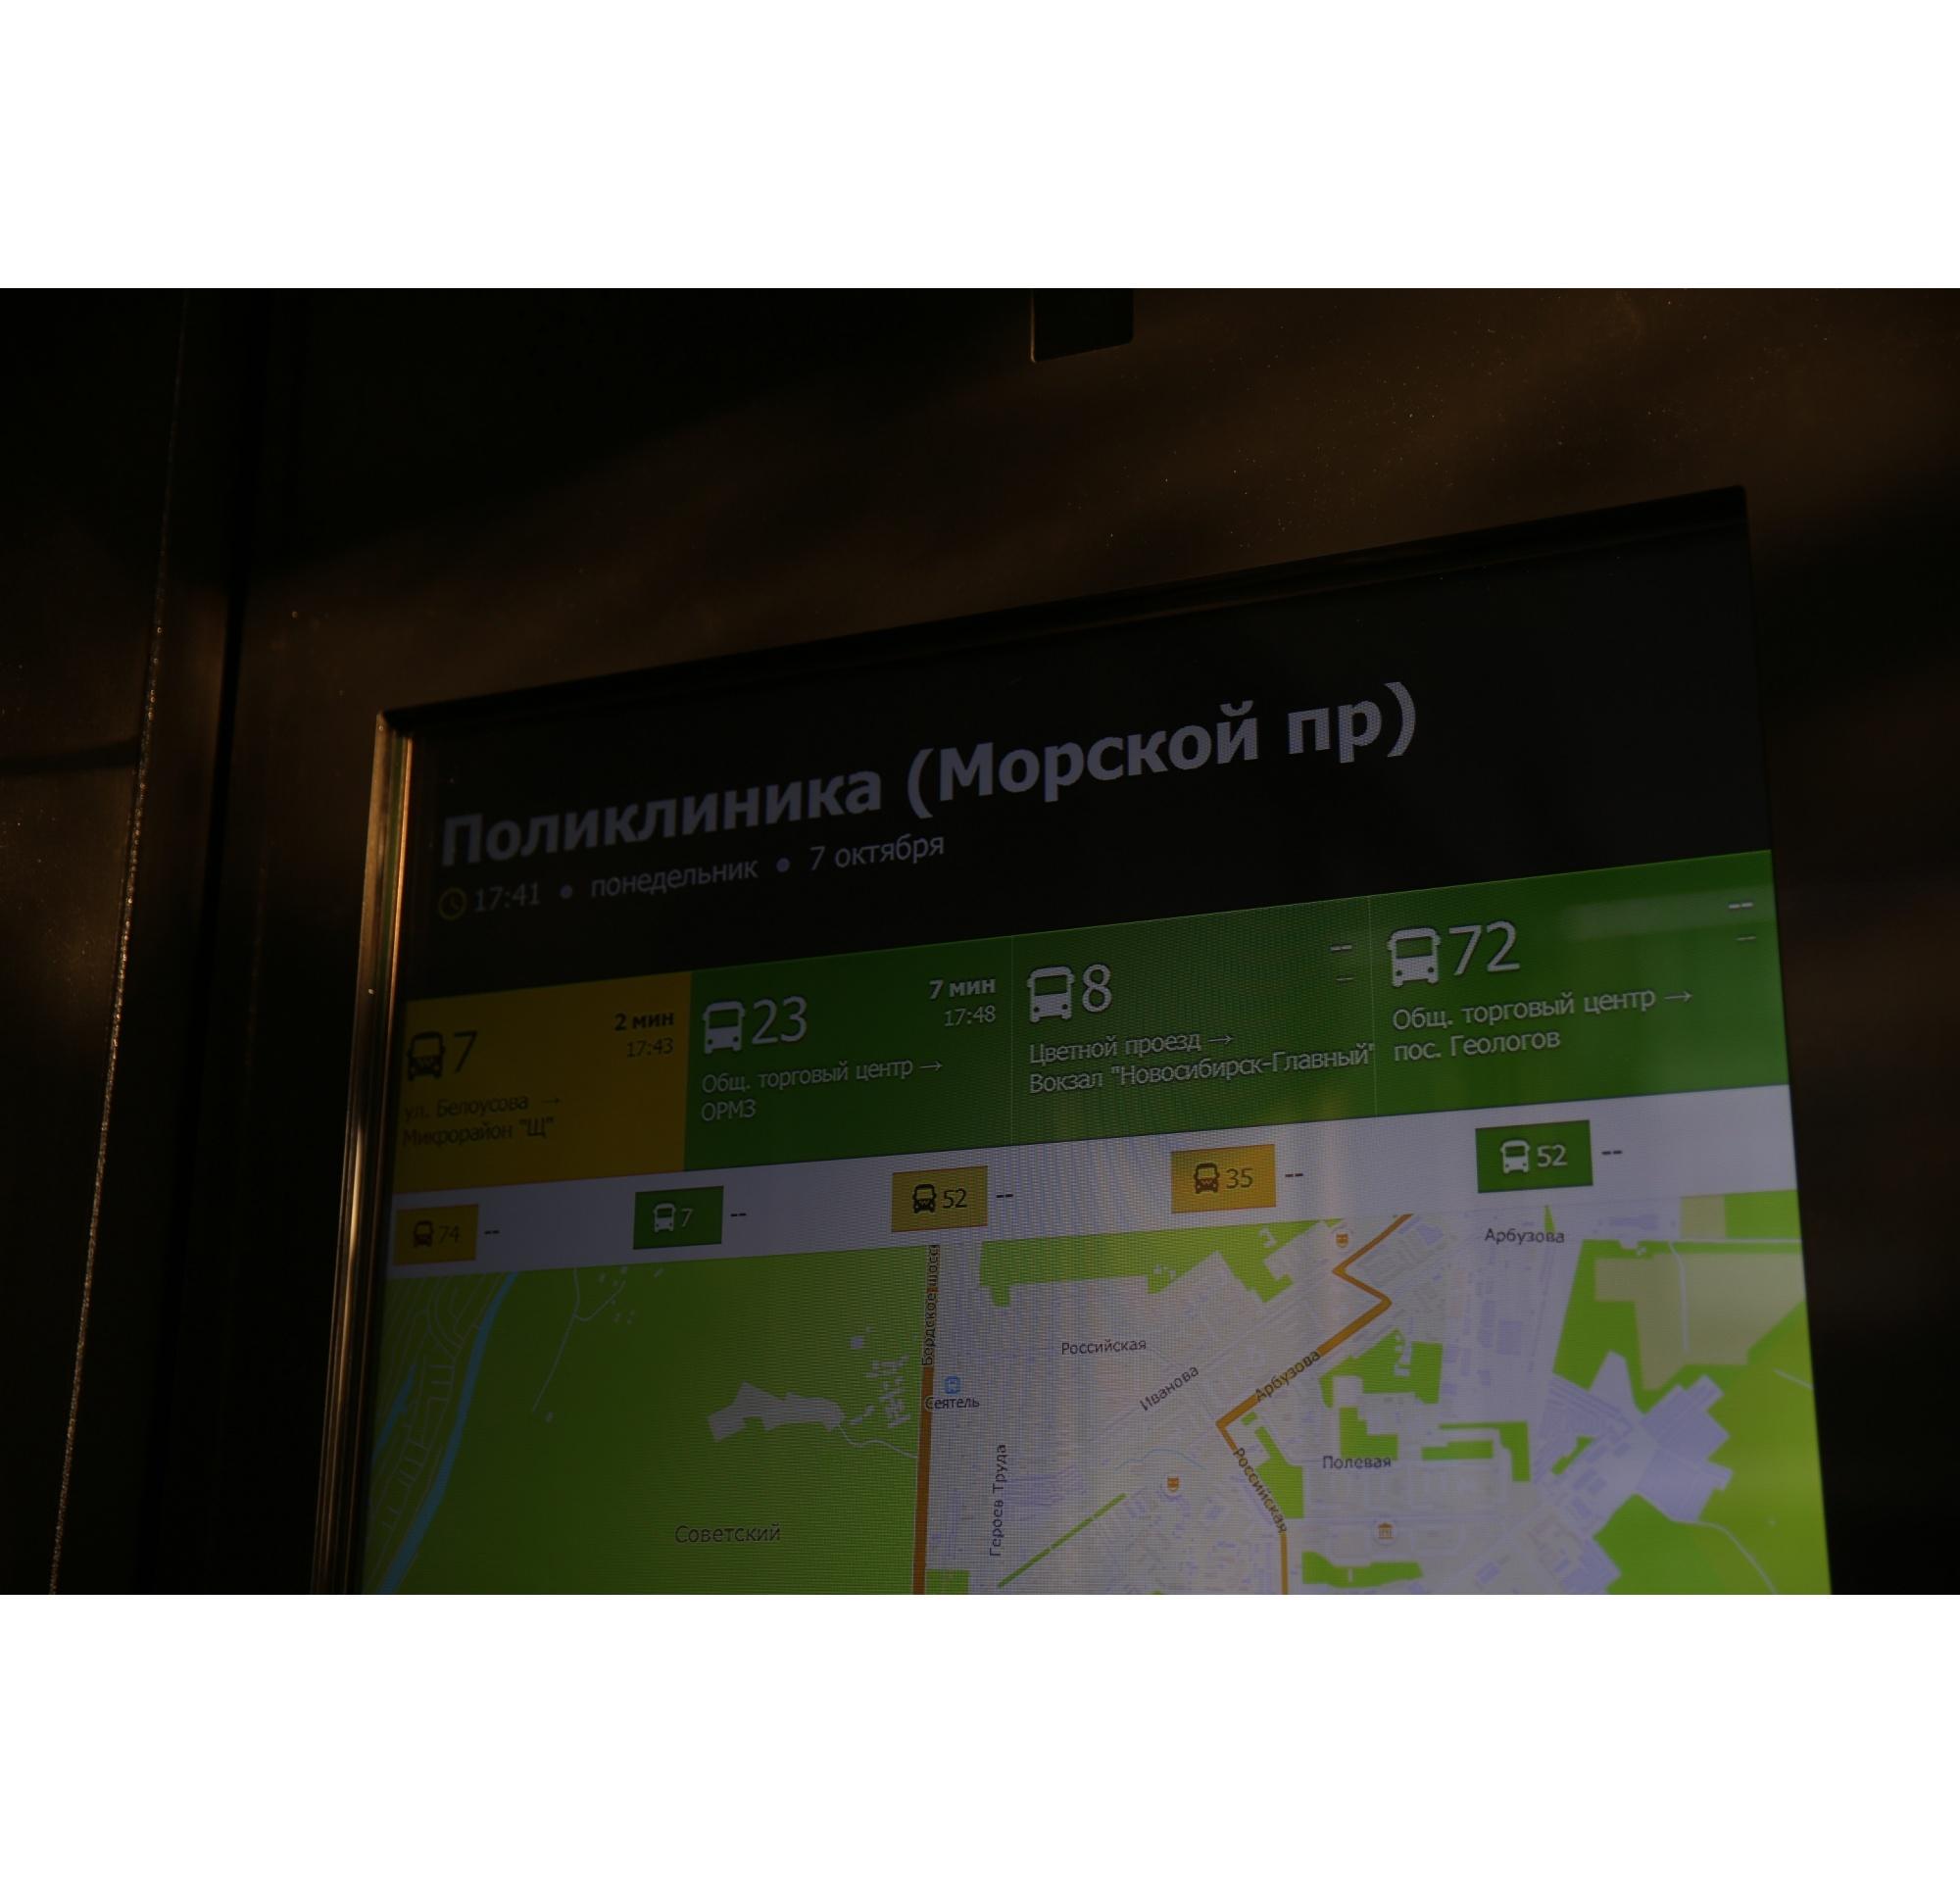 На остановке высвечивается расписание общественного транспорта для остановки в Академгородке — между «Башней» и «Поликлиникой» по прямой более 20 км